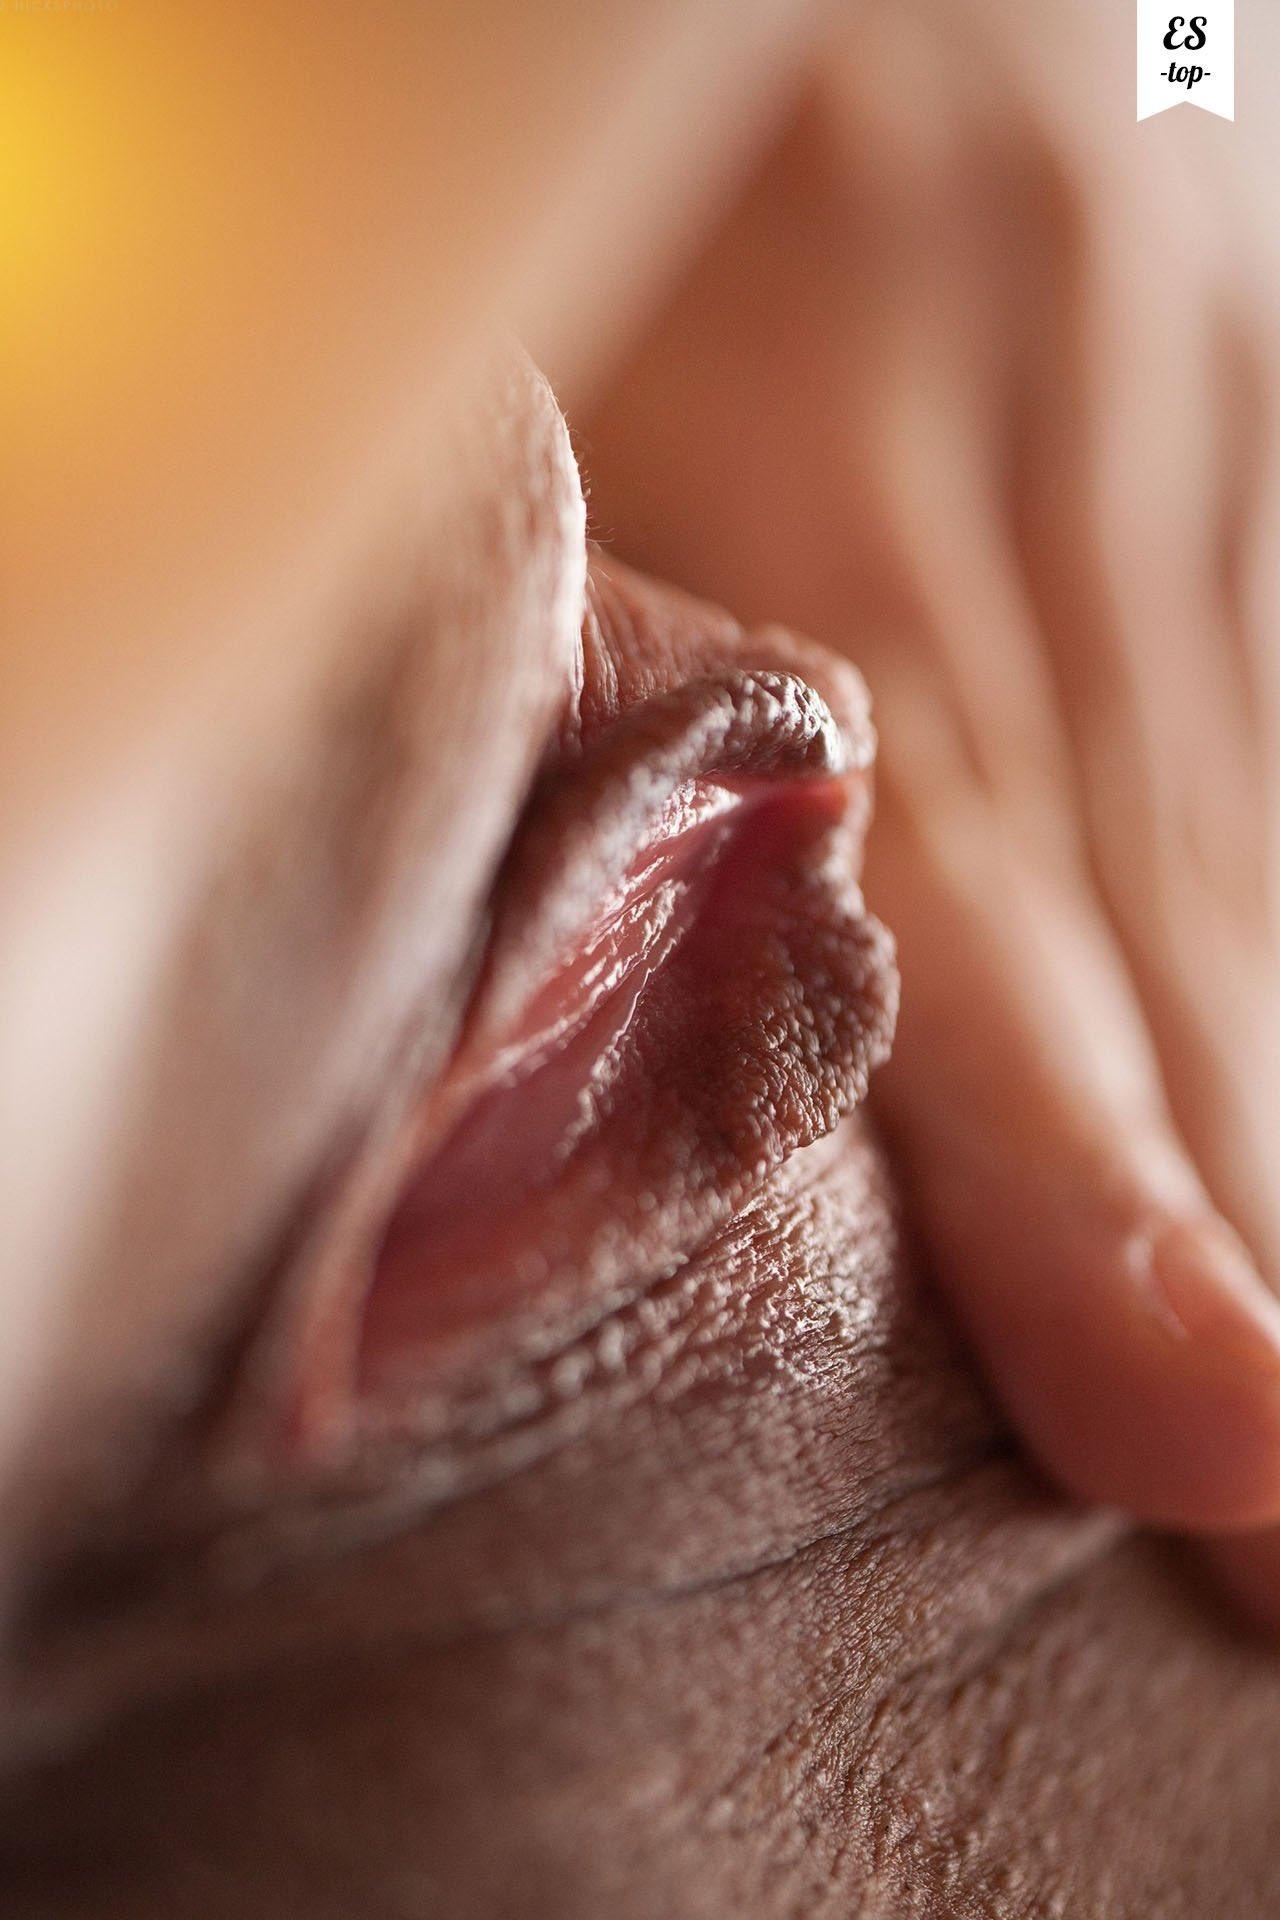 Секс макросъемка фото, вводит трусики в киску